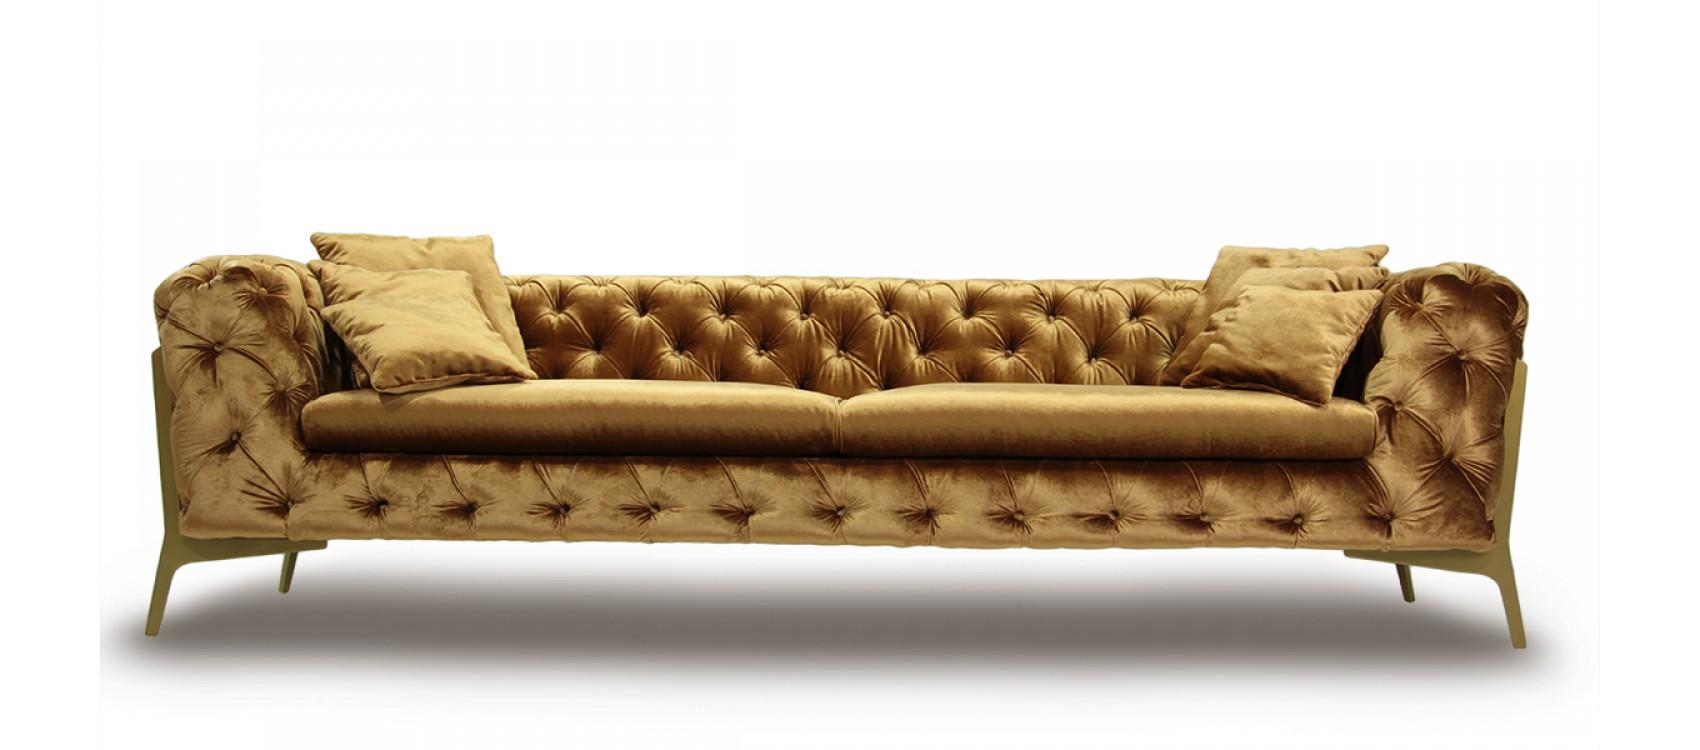 Sofa RICH фото 3